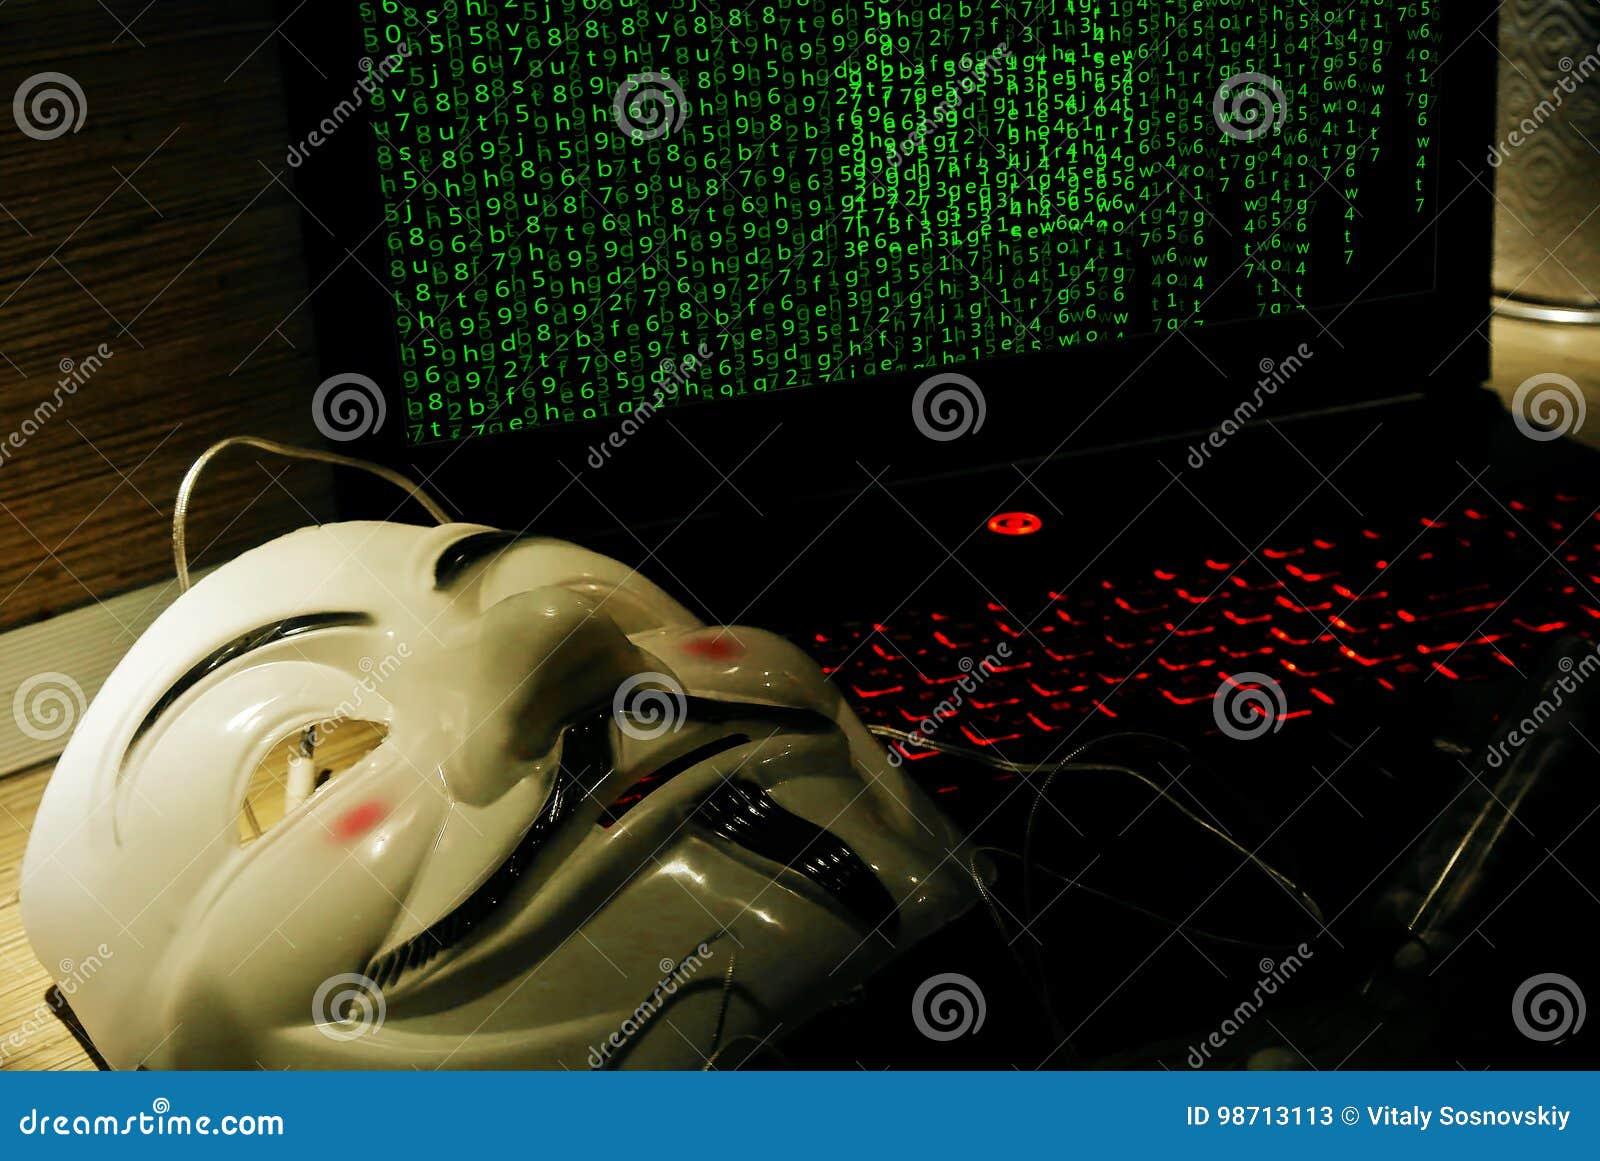 Un pirate informatique anonyme essaye de fendre la protection du système d exploitation du ` s